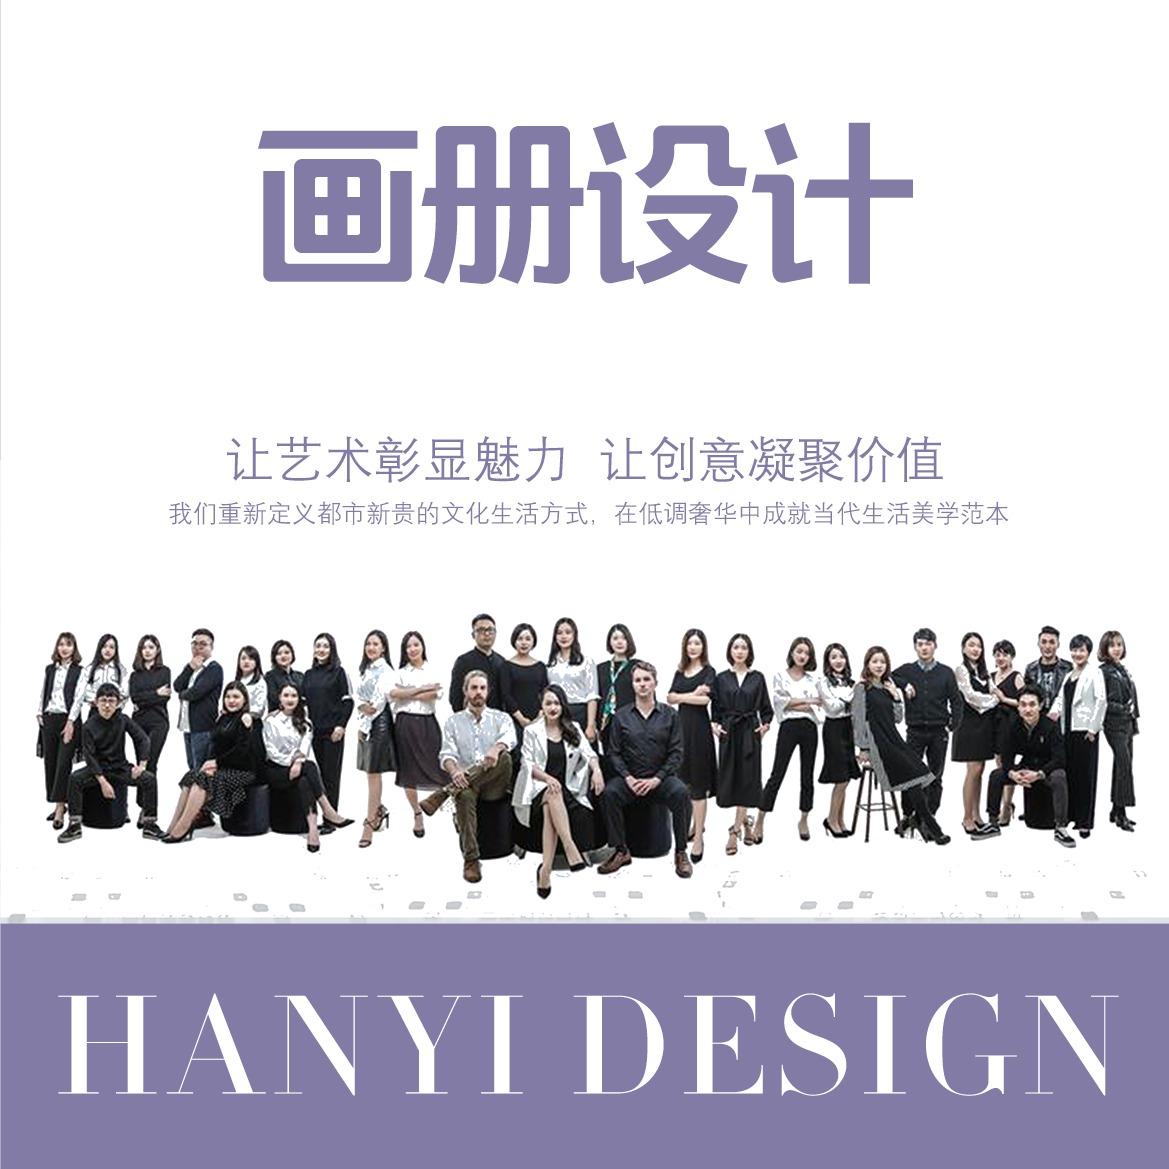 【画册设计】杂志报纸期刊书籍排版设计PPT设计制作企业DM单